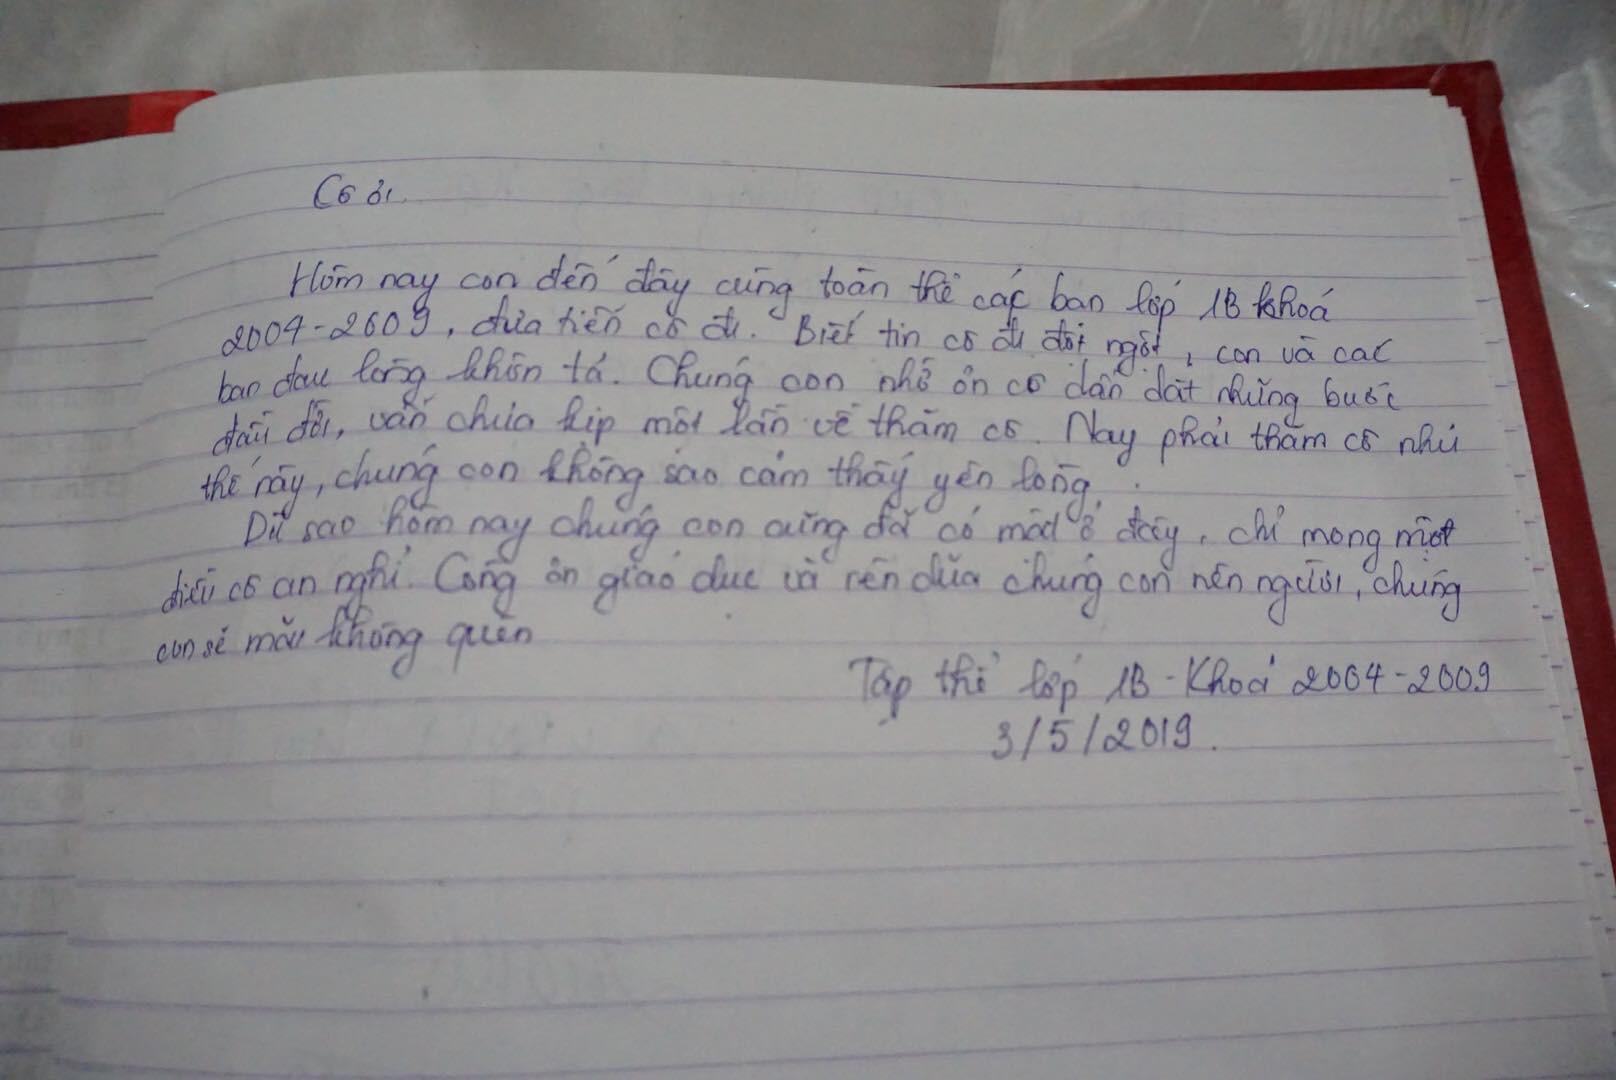 Vụ cô giáo tiểu học bị lái xe say rượu tông tử vong ở hầm Kim Liên: Những lời tiễn biệt xúc động nơi sổ tang  - Ảnh 3.